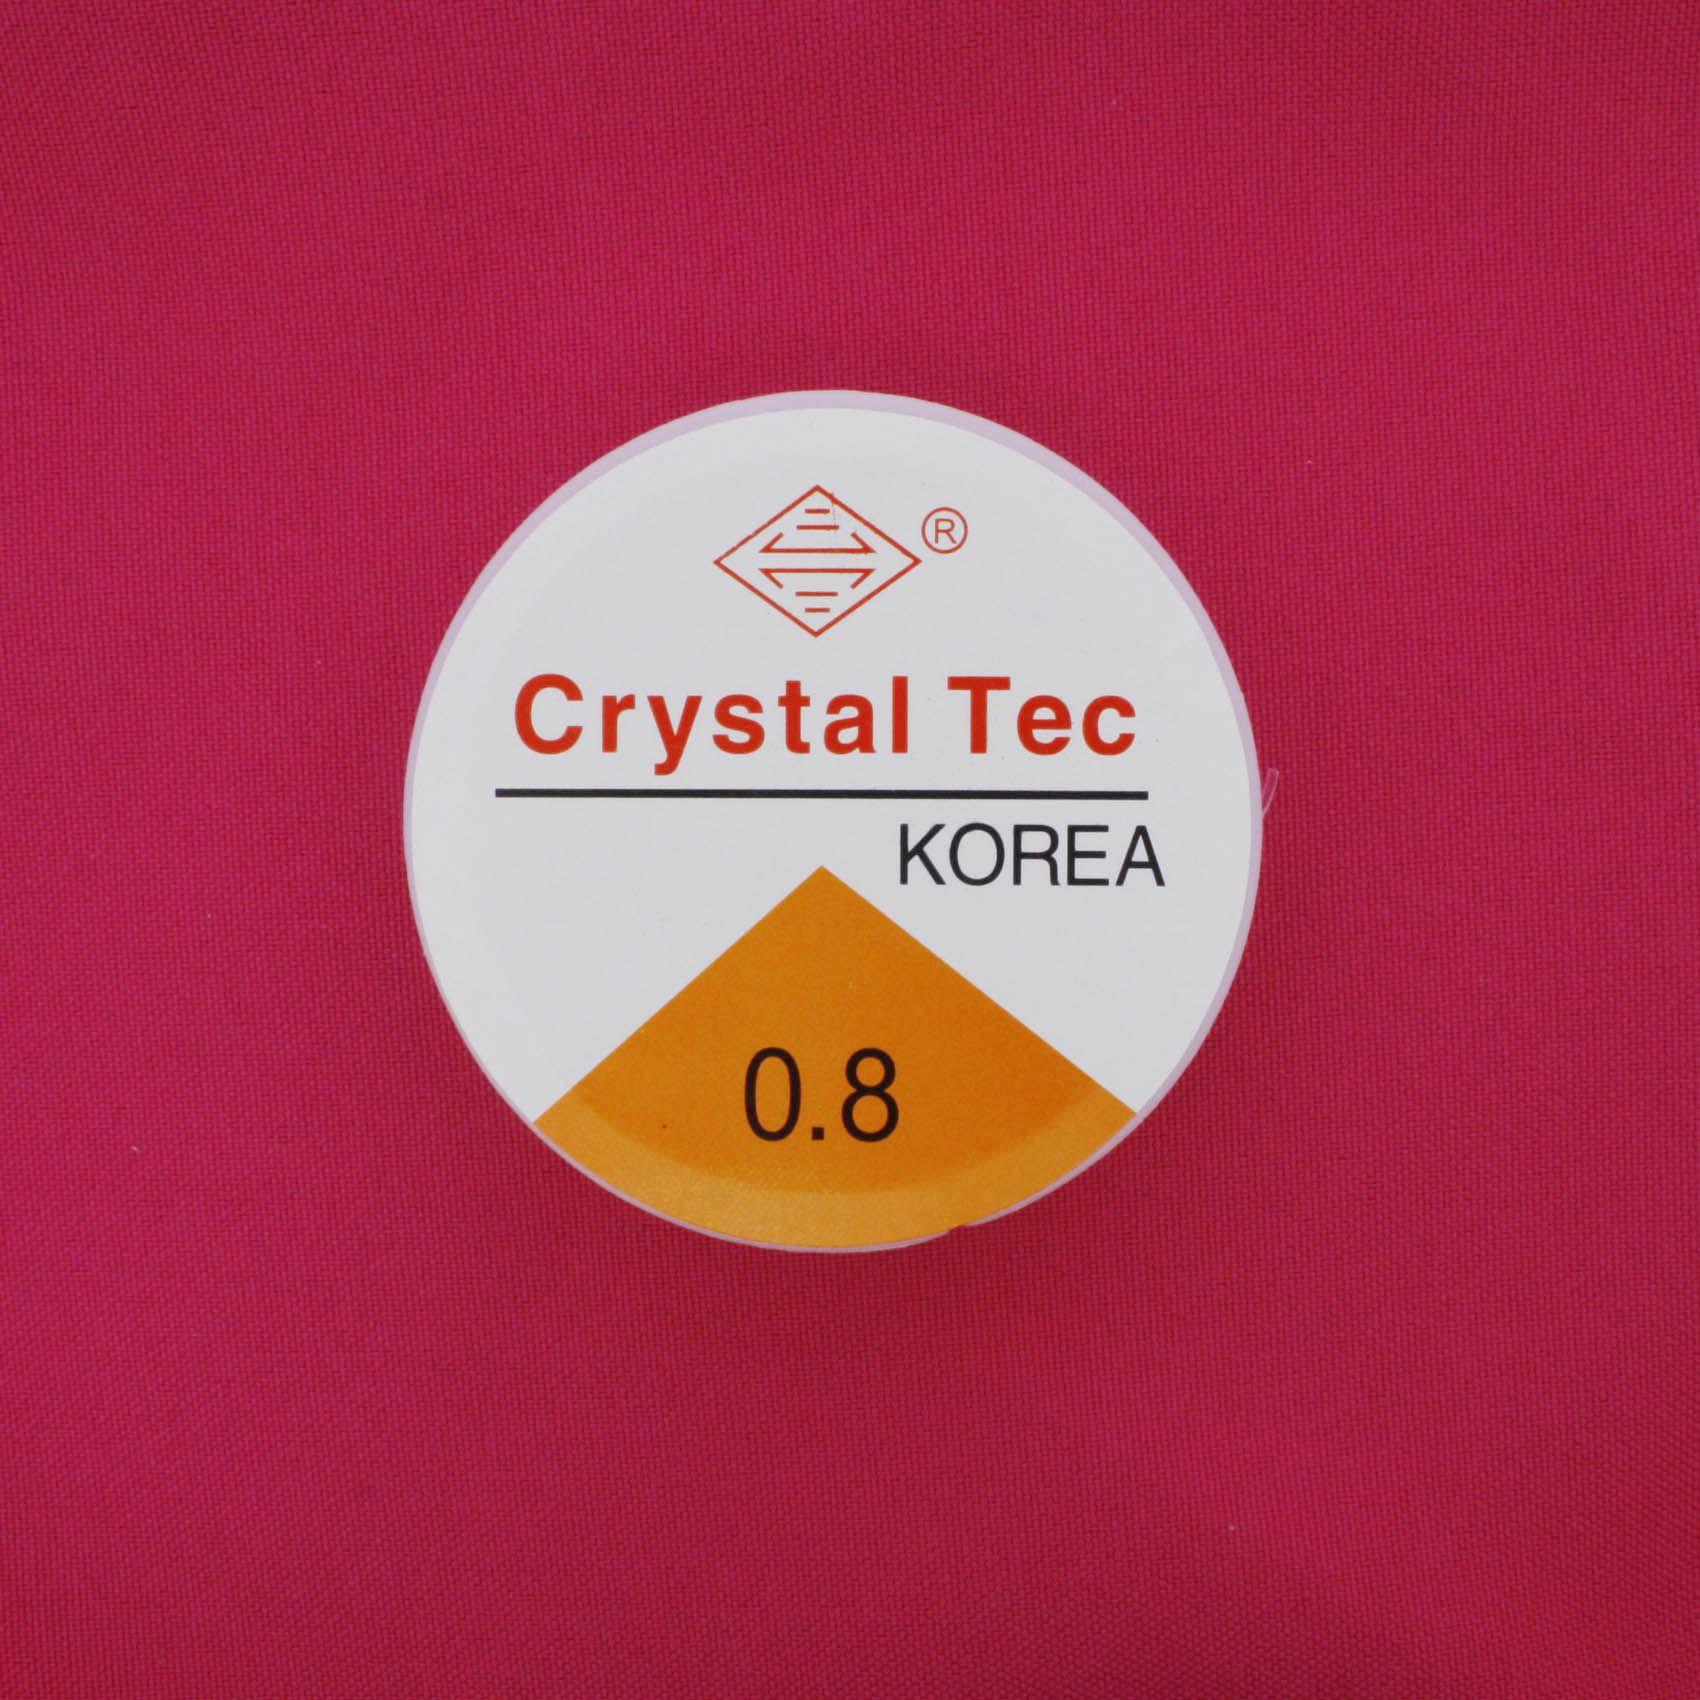 Fio de Silicone - 0.8mm - 10m  - Stéphanie Bijoux® - Peças para Bijuterias e Artesanato